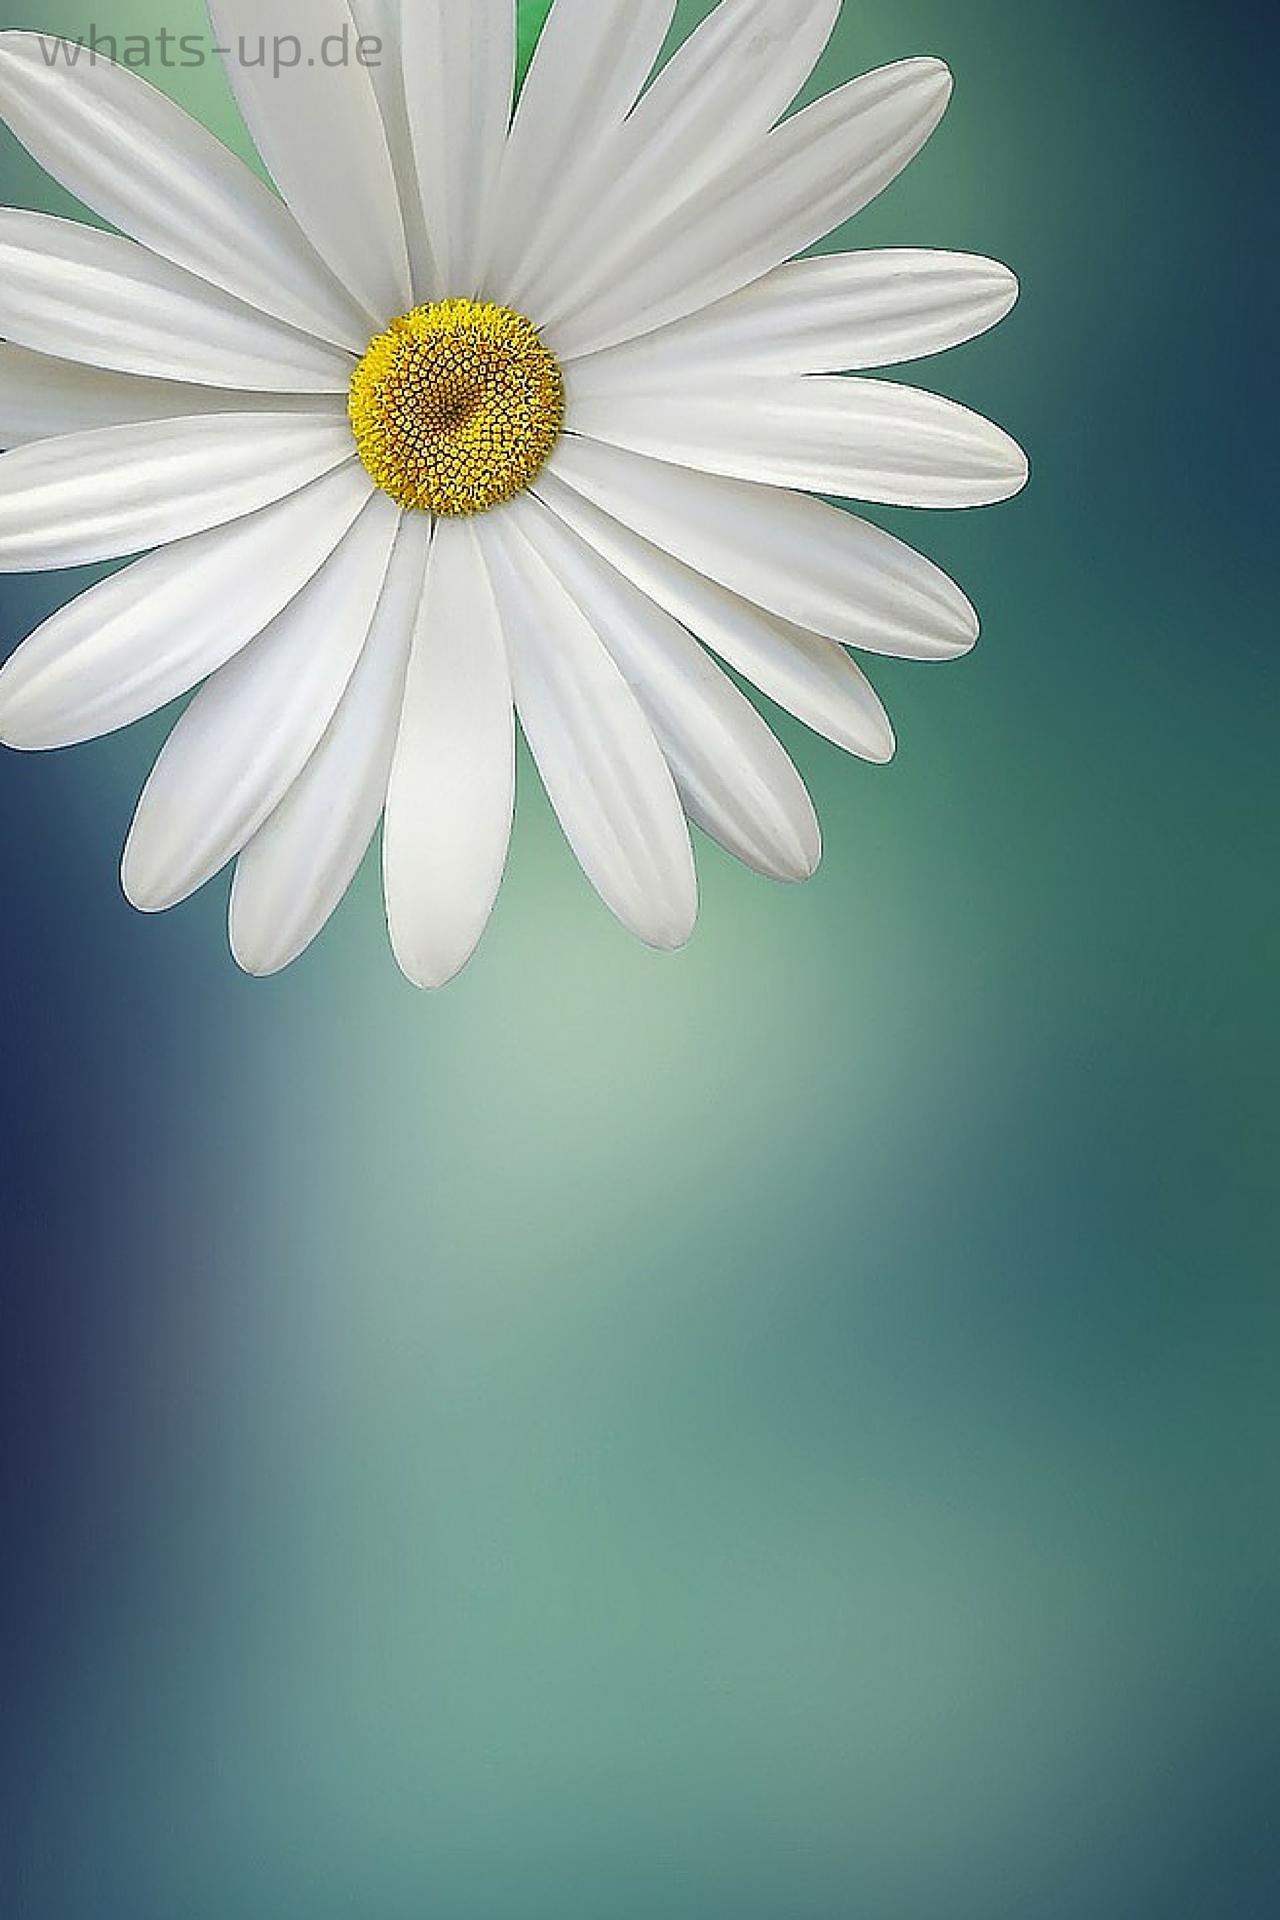 Blume als Hintergrundbild für WhatsApp ändern, Wallpaper gratis downloaden